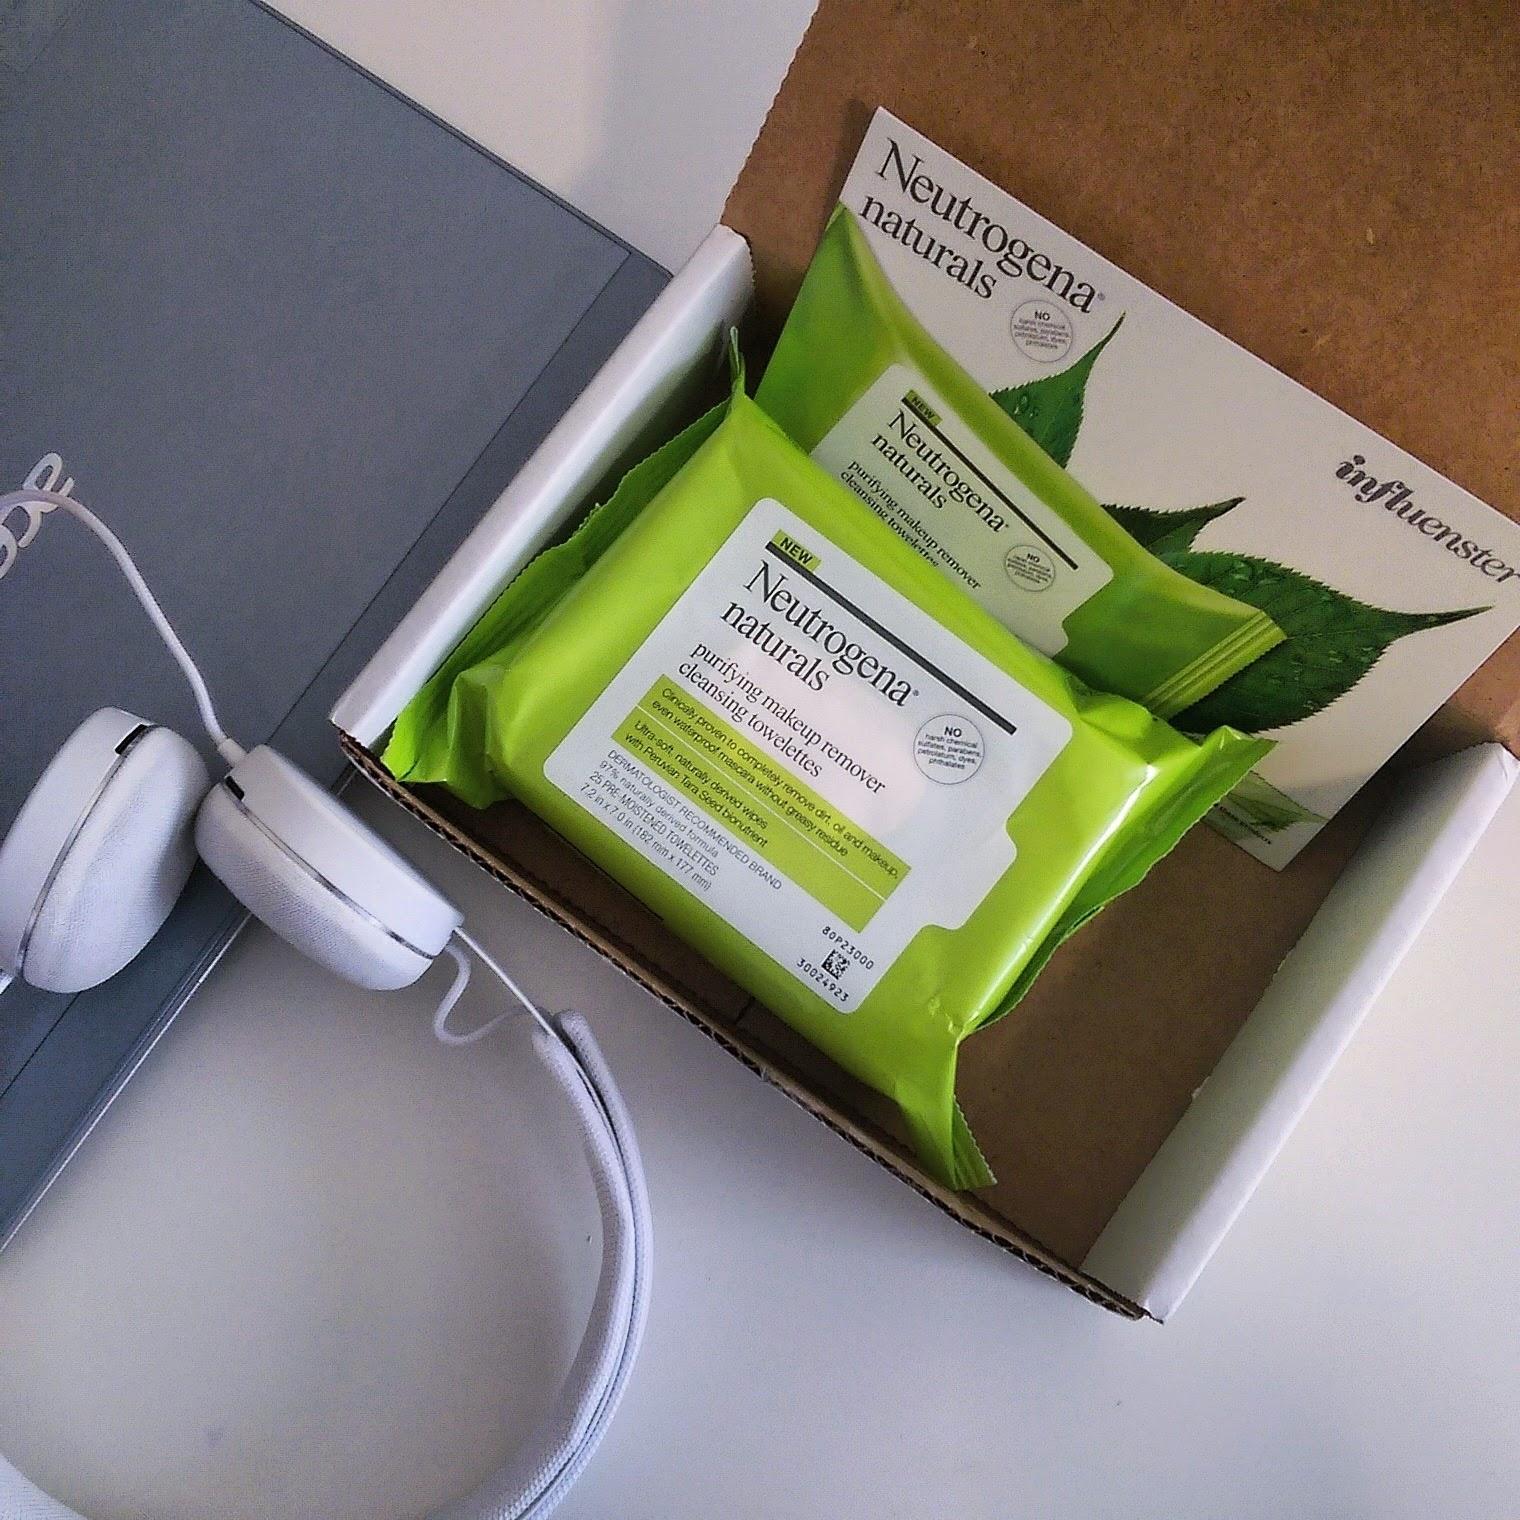 neutrogena naturals, neutrogena wipes, influenster, wipe for water